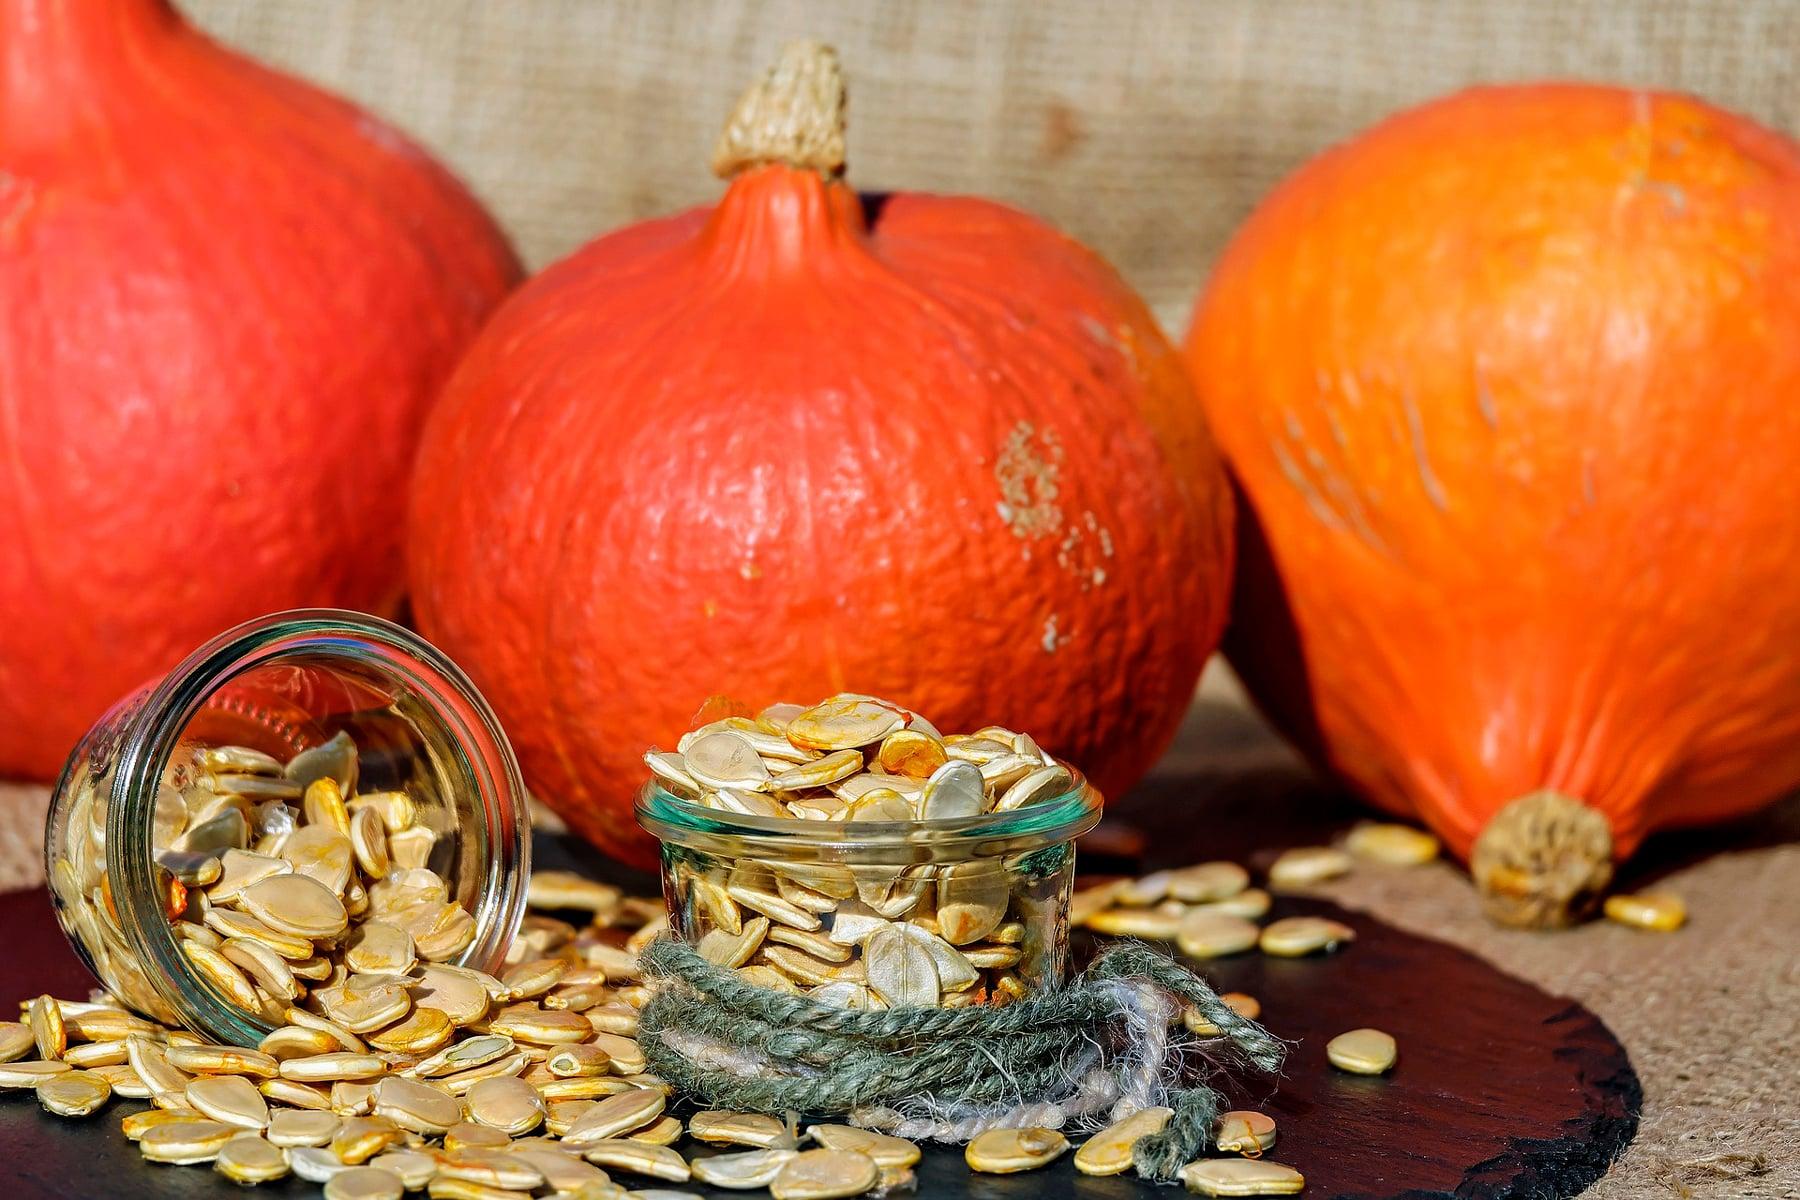 Pipas o semillas de calabaza: Te contamos sus beneficios nutricionales